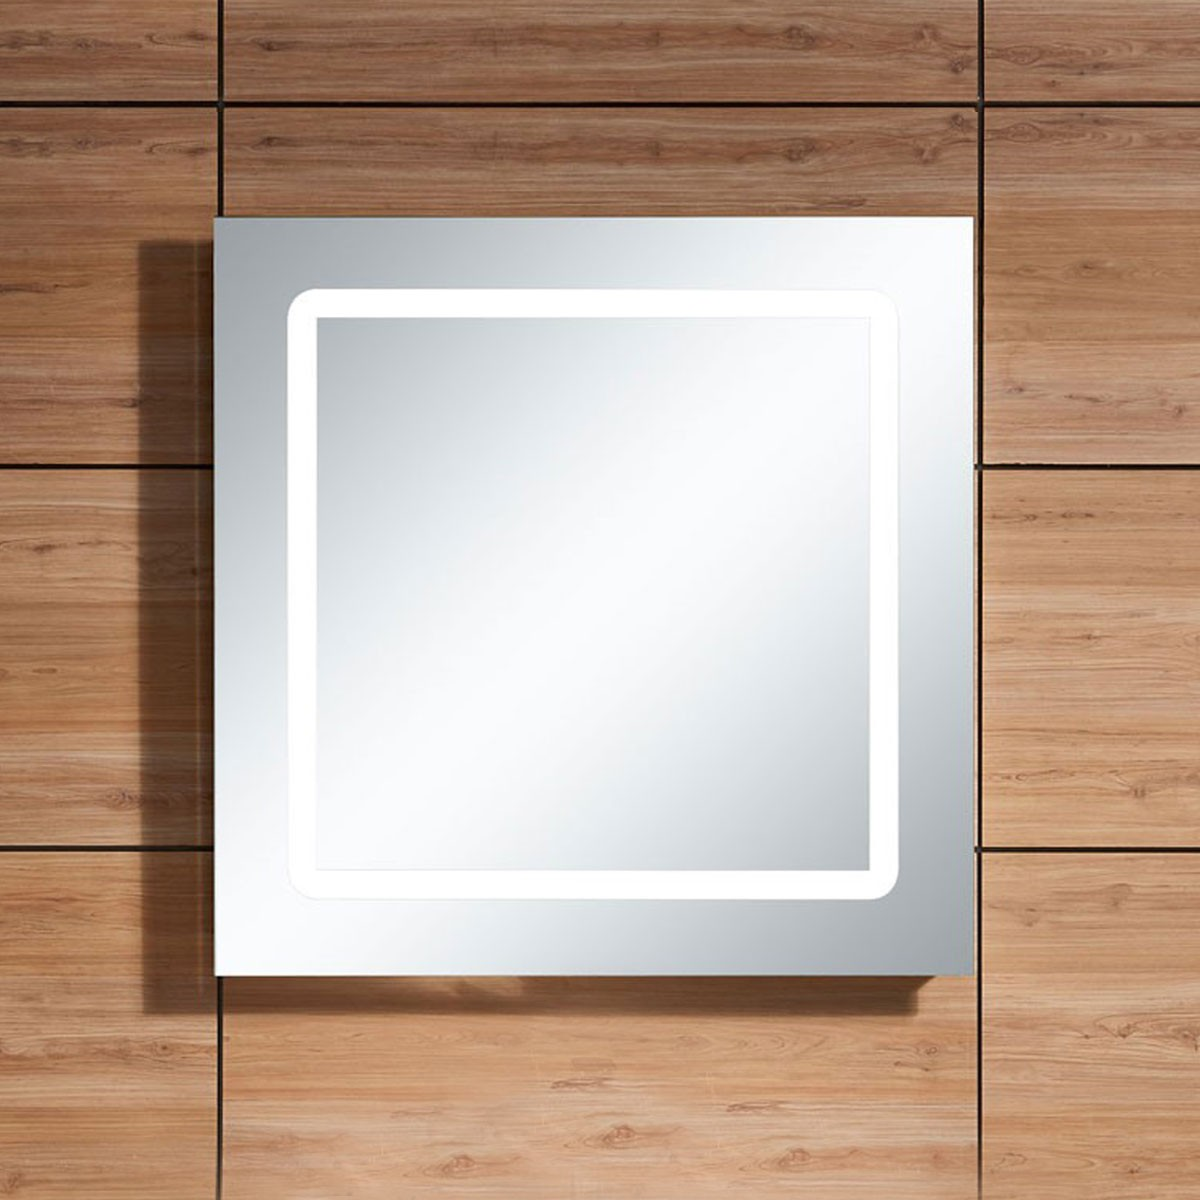 31 x 24 In. Bathroom Vanity Mirror (DK-668800-M)